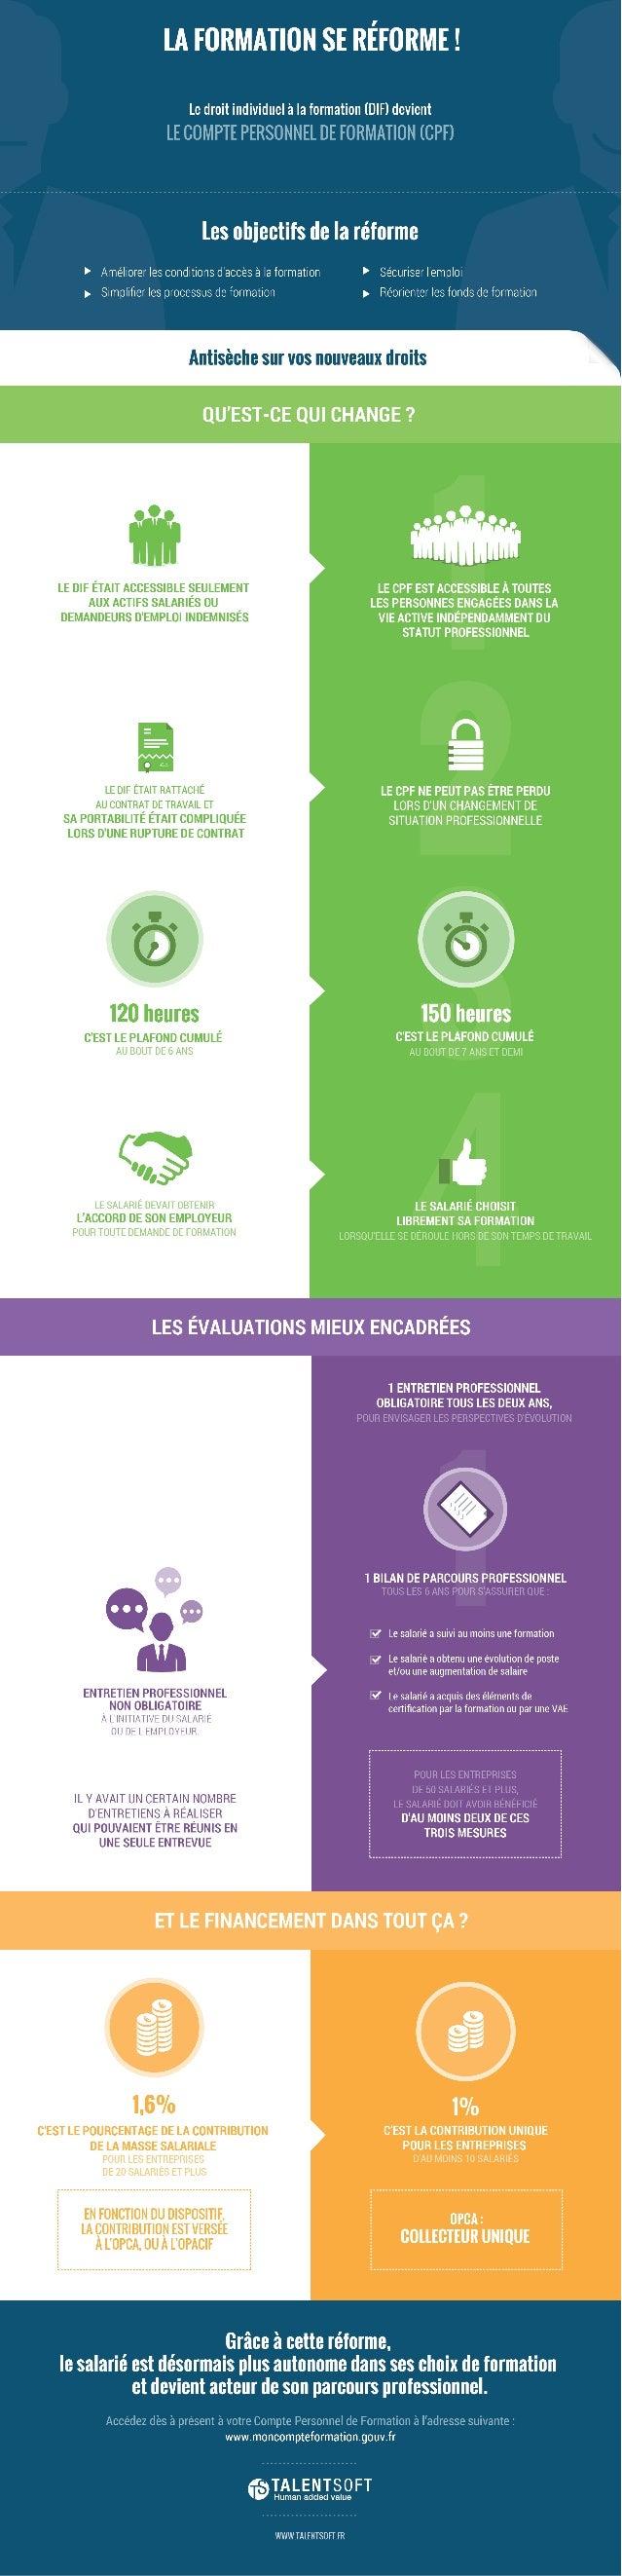 Infographie - réforme de la formation professionnelle